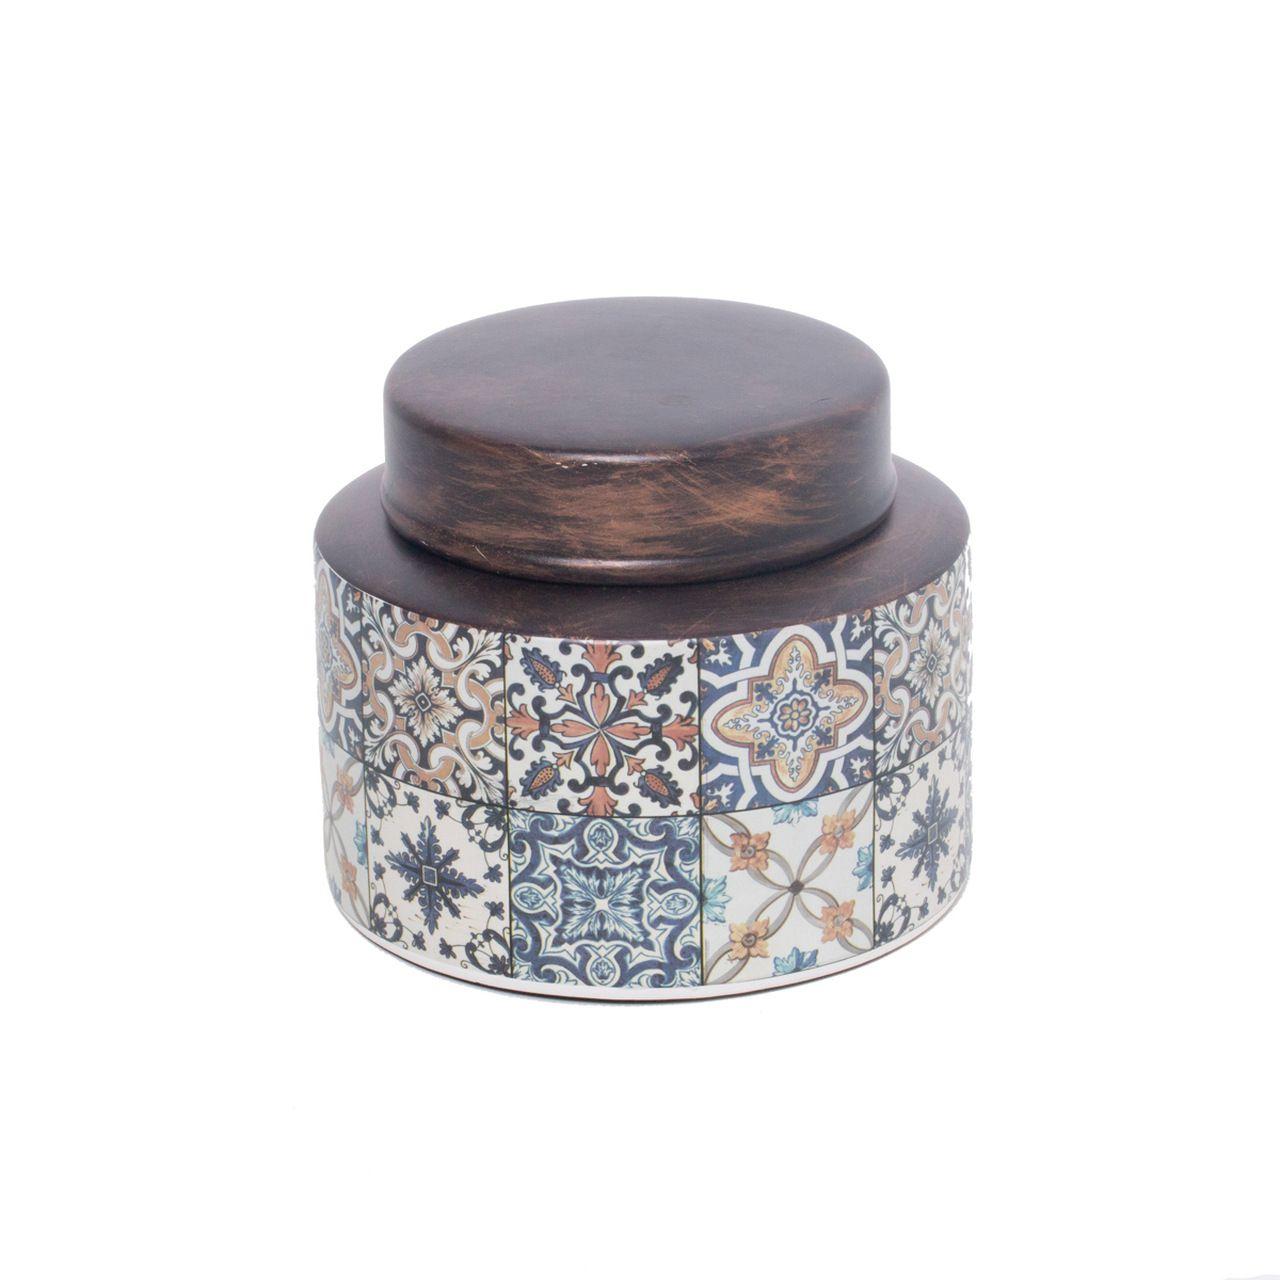 Potiche Decorativo Cerâmica Decorado 16x13cm